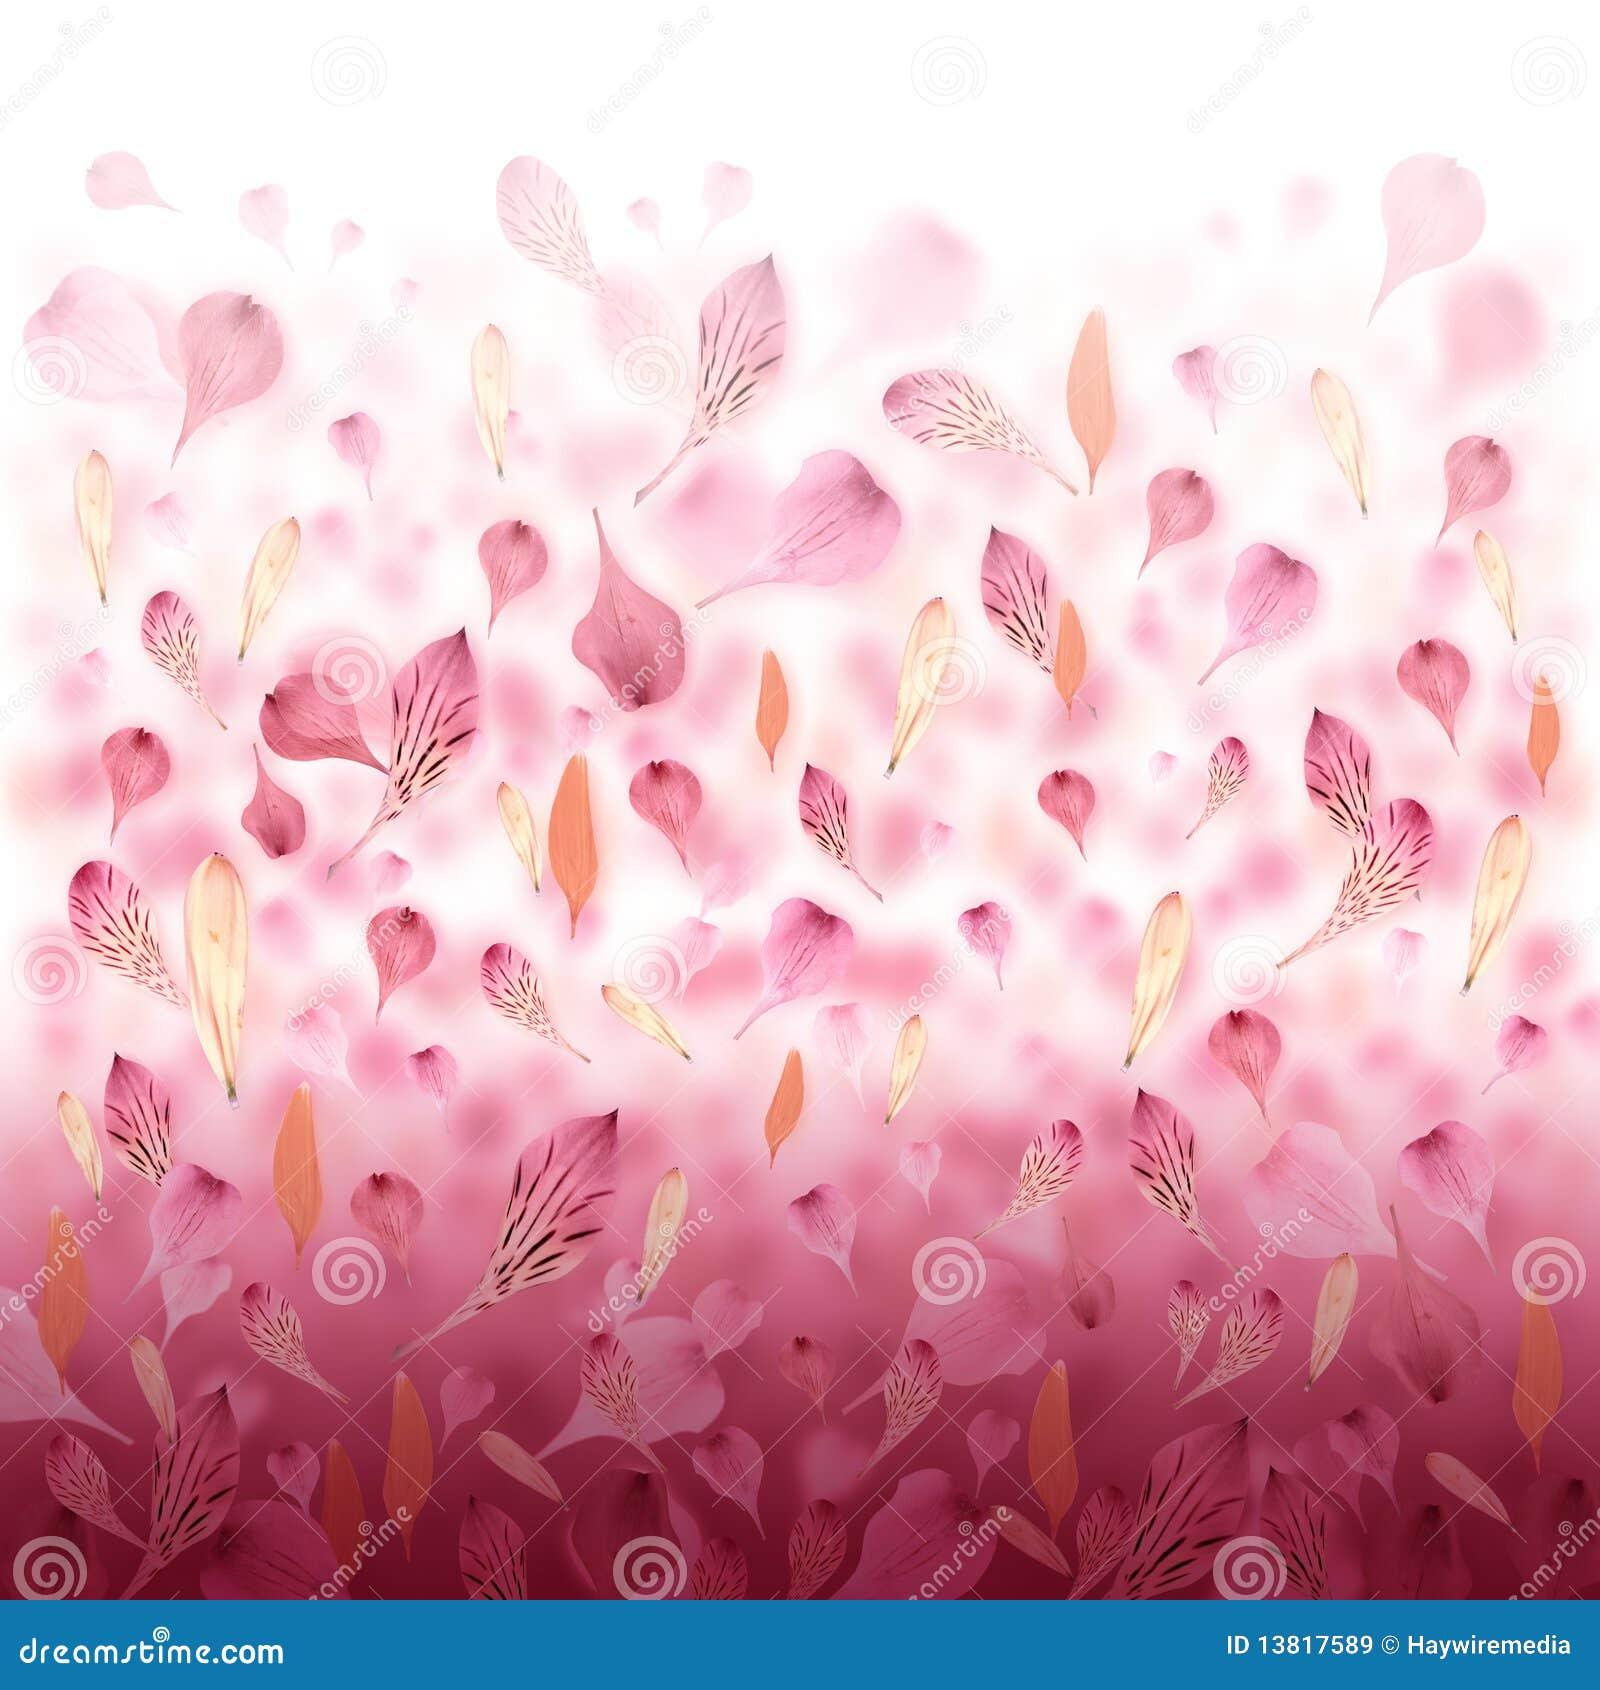 Pink Love Flower Valentine Background